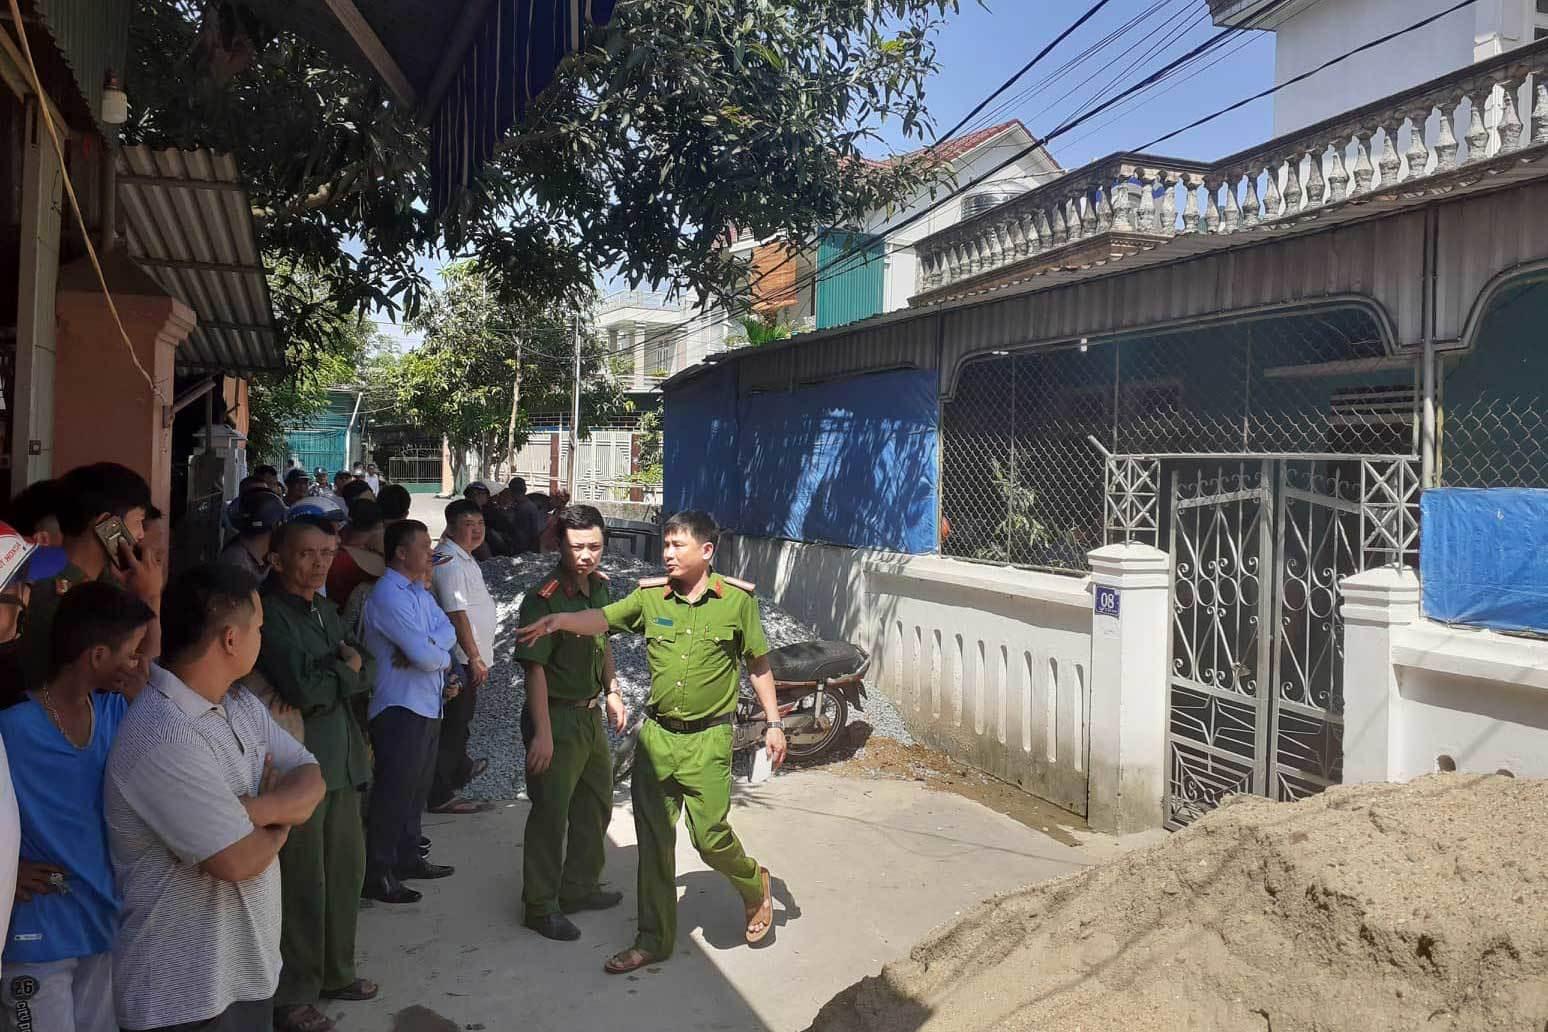 Cứa cổ vợ rồi tự sát ở Hà Tĩnh: Chồng là người trầm tính